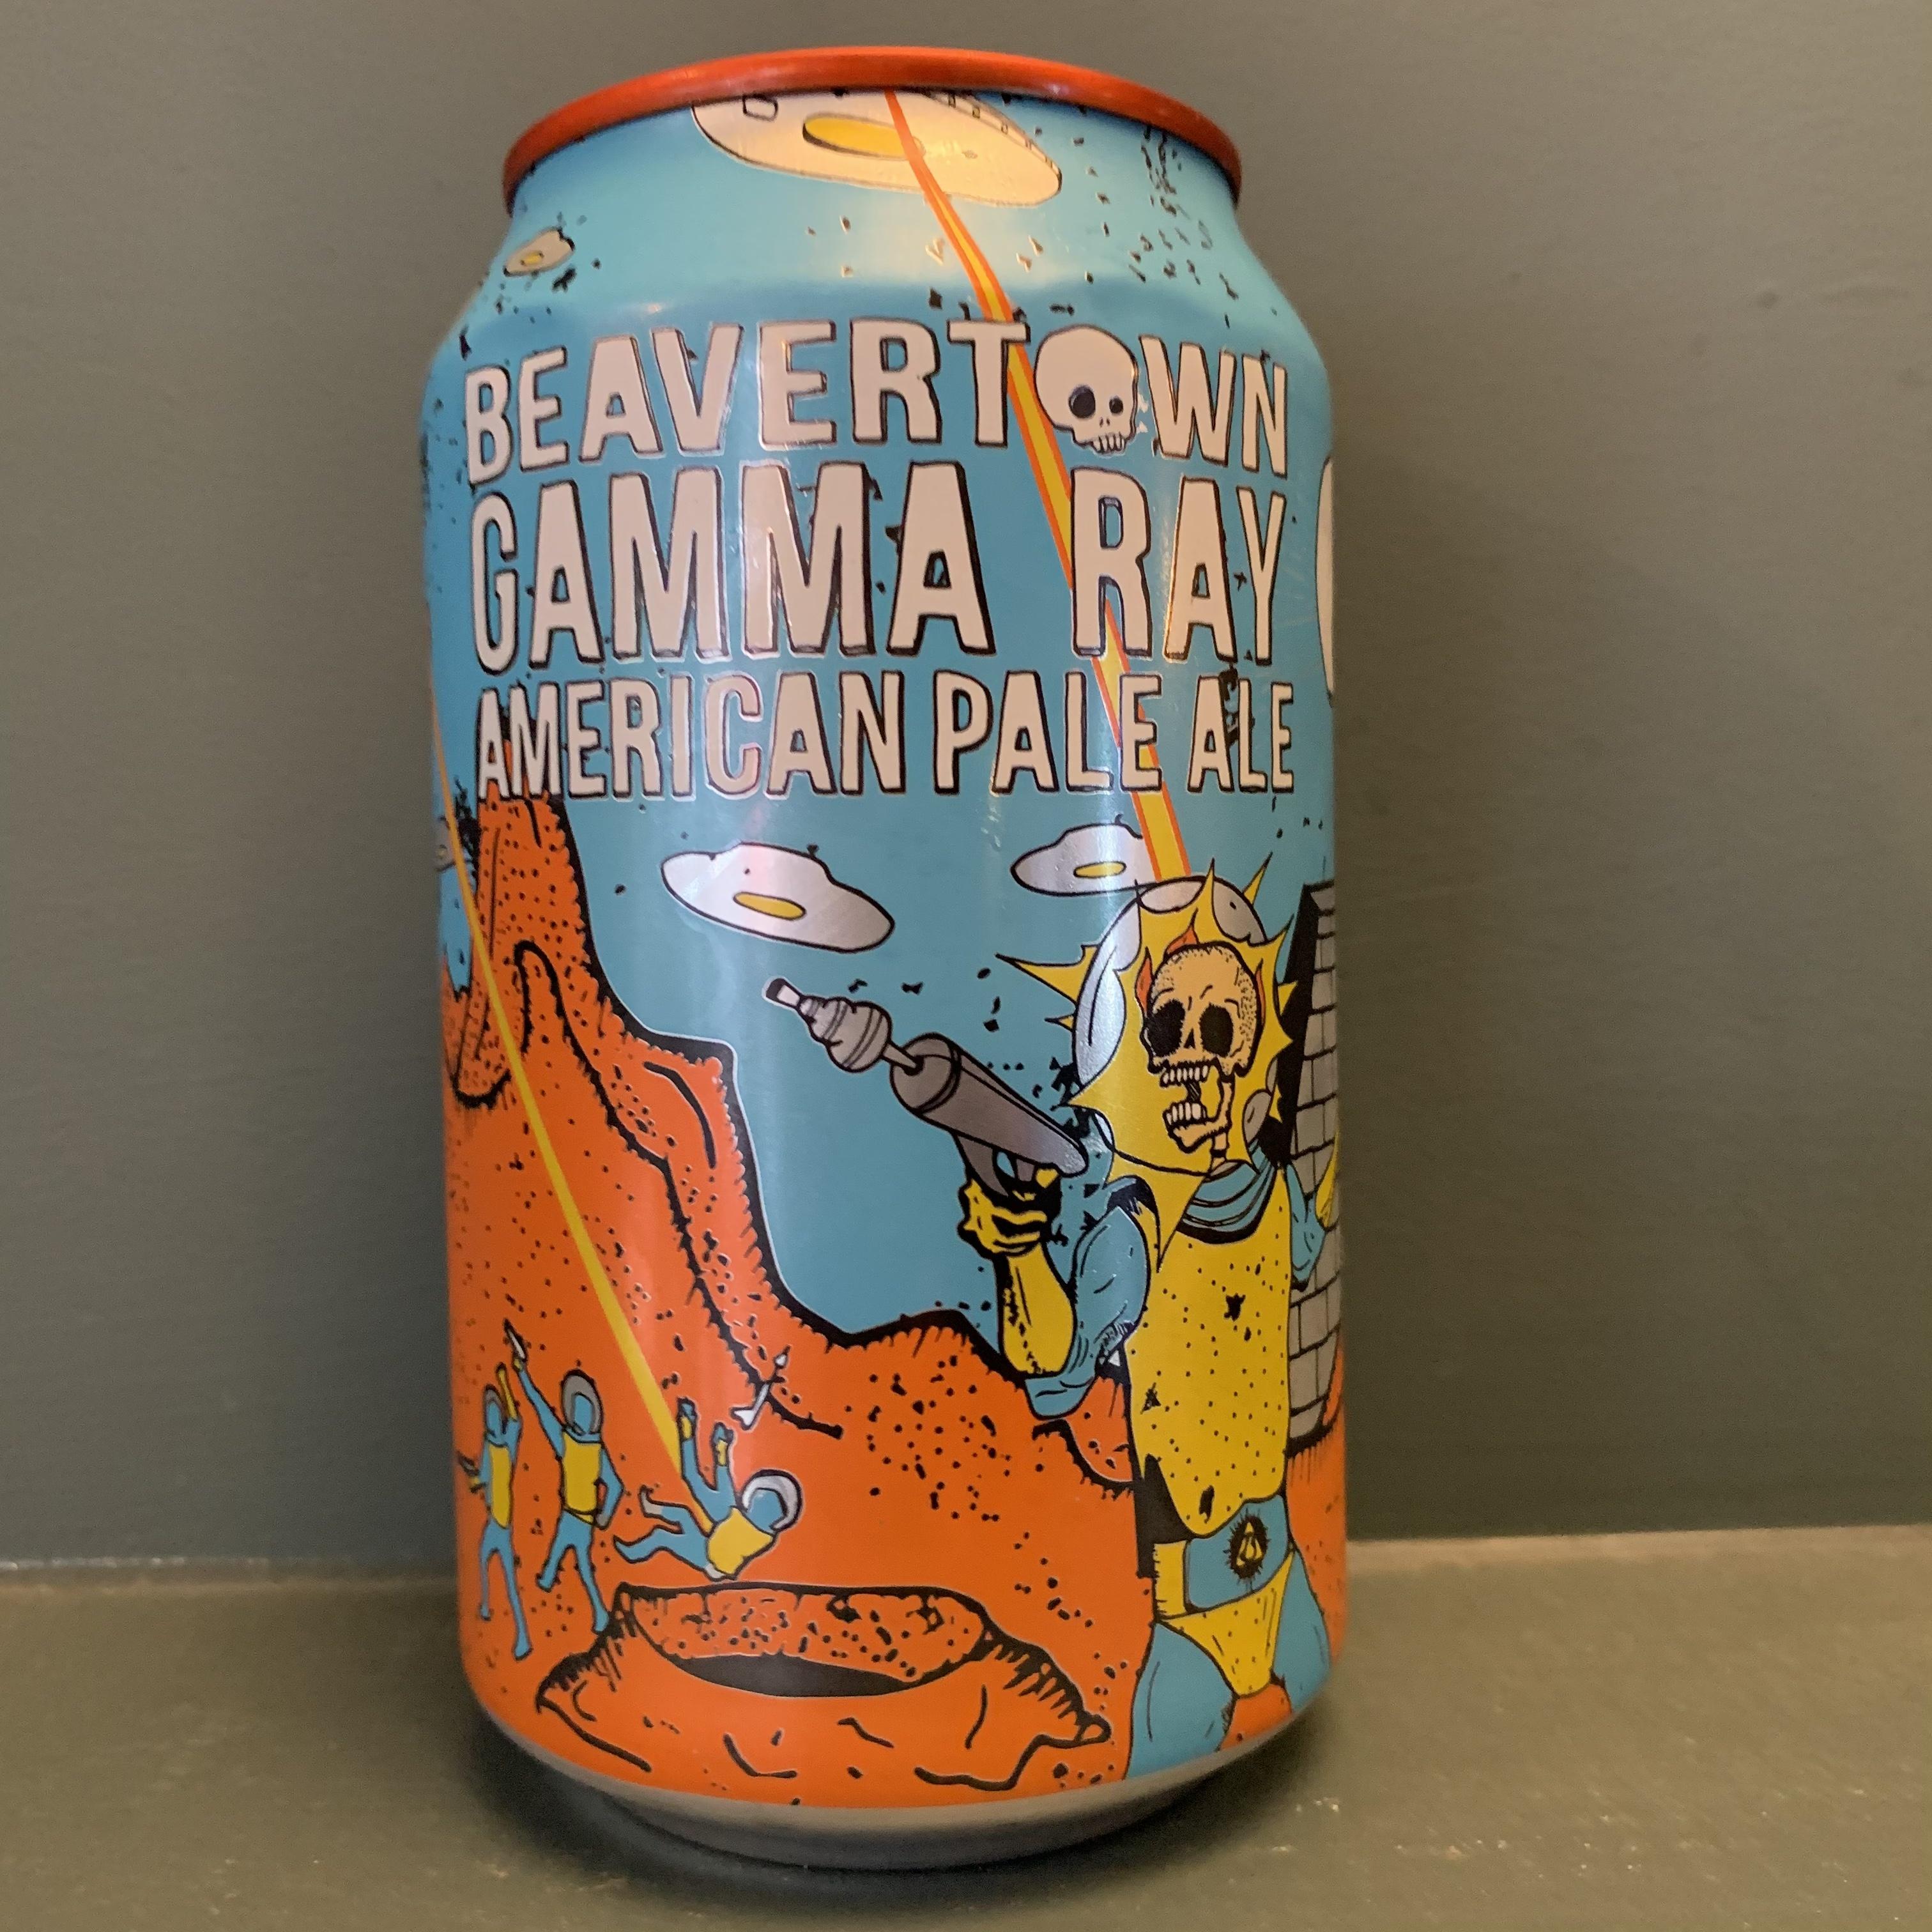 Beavertown - Gamma Ray